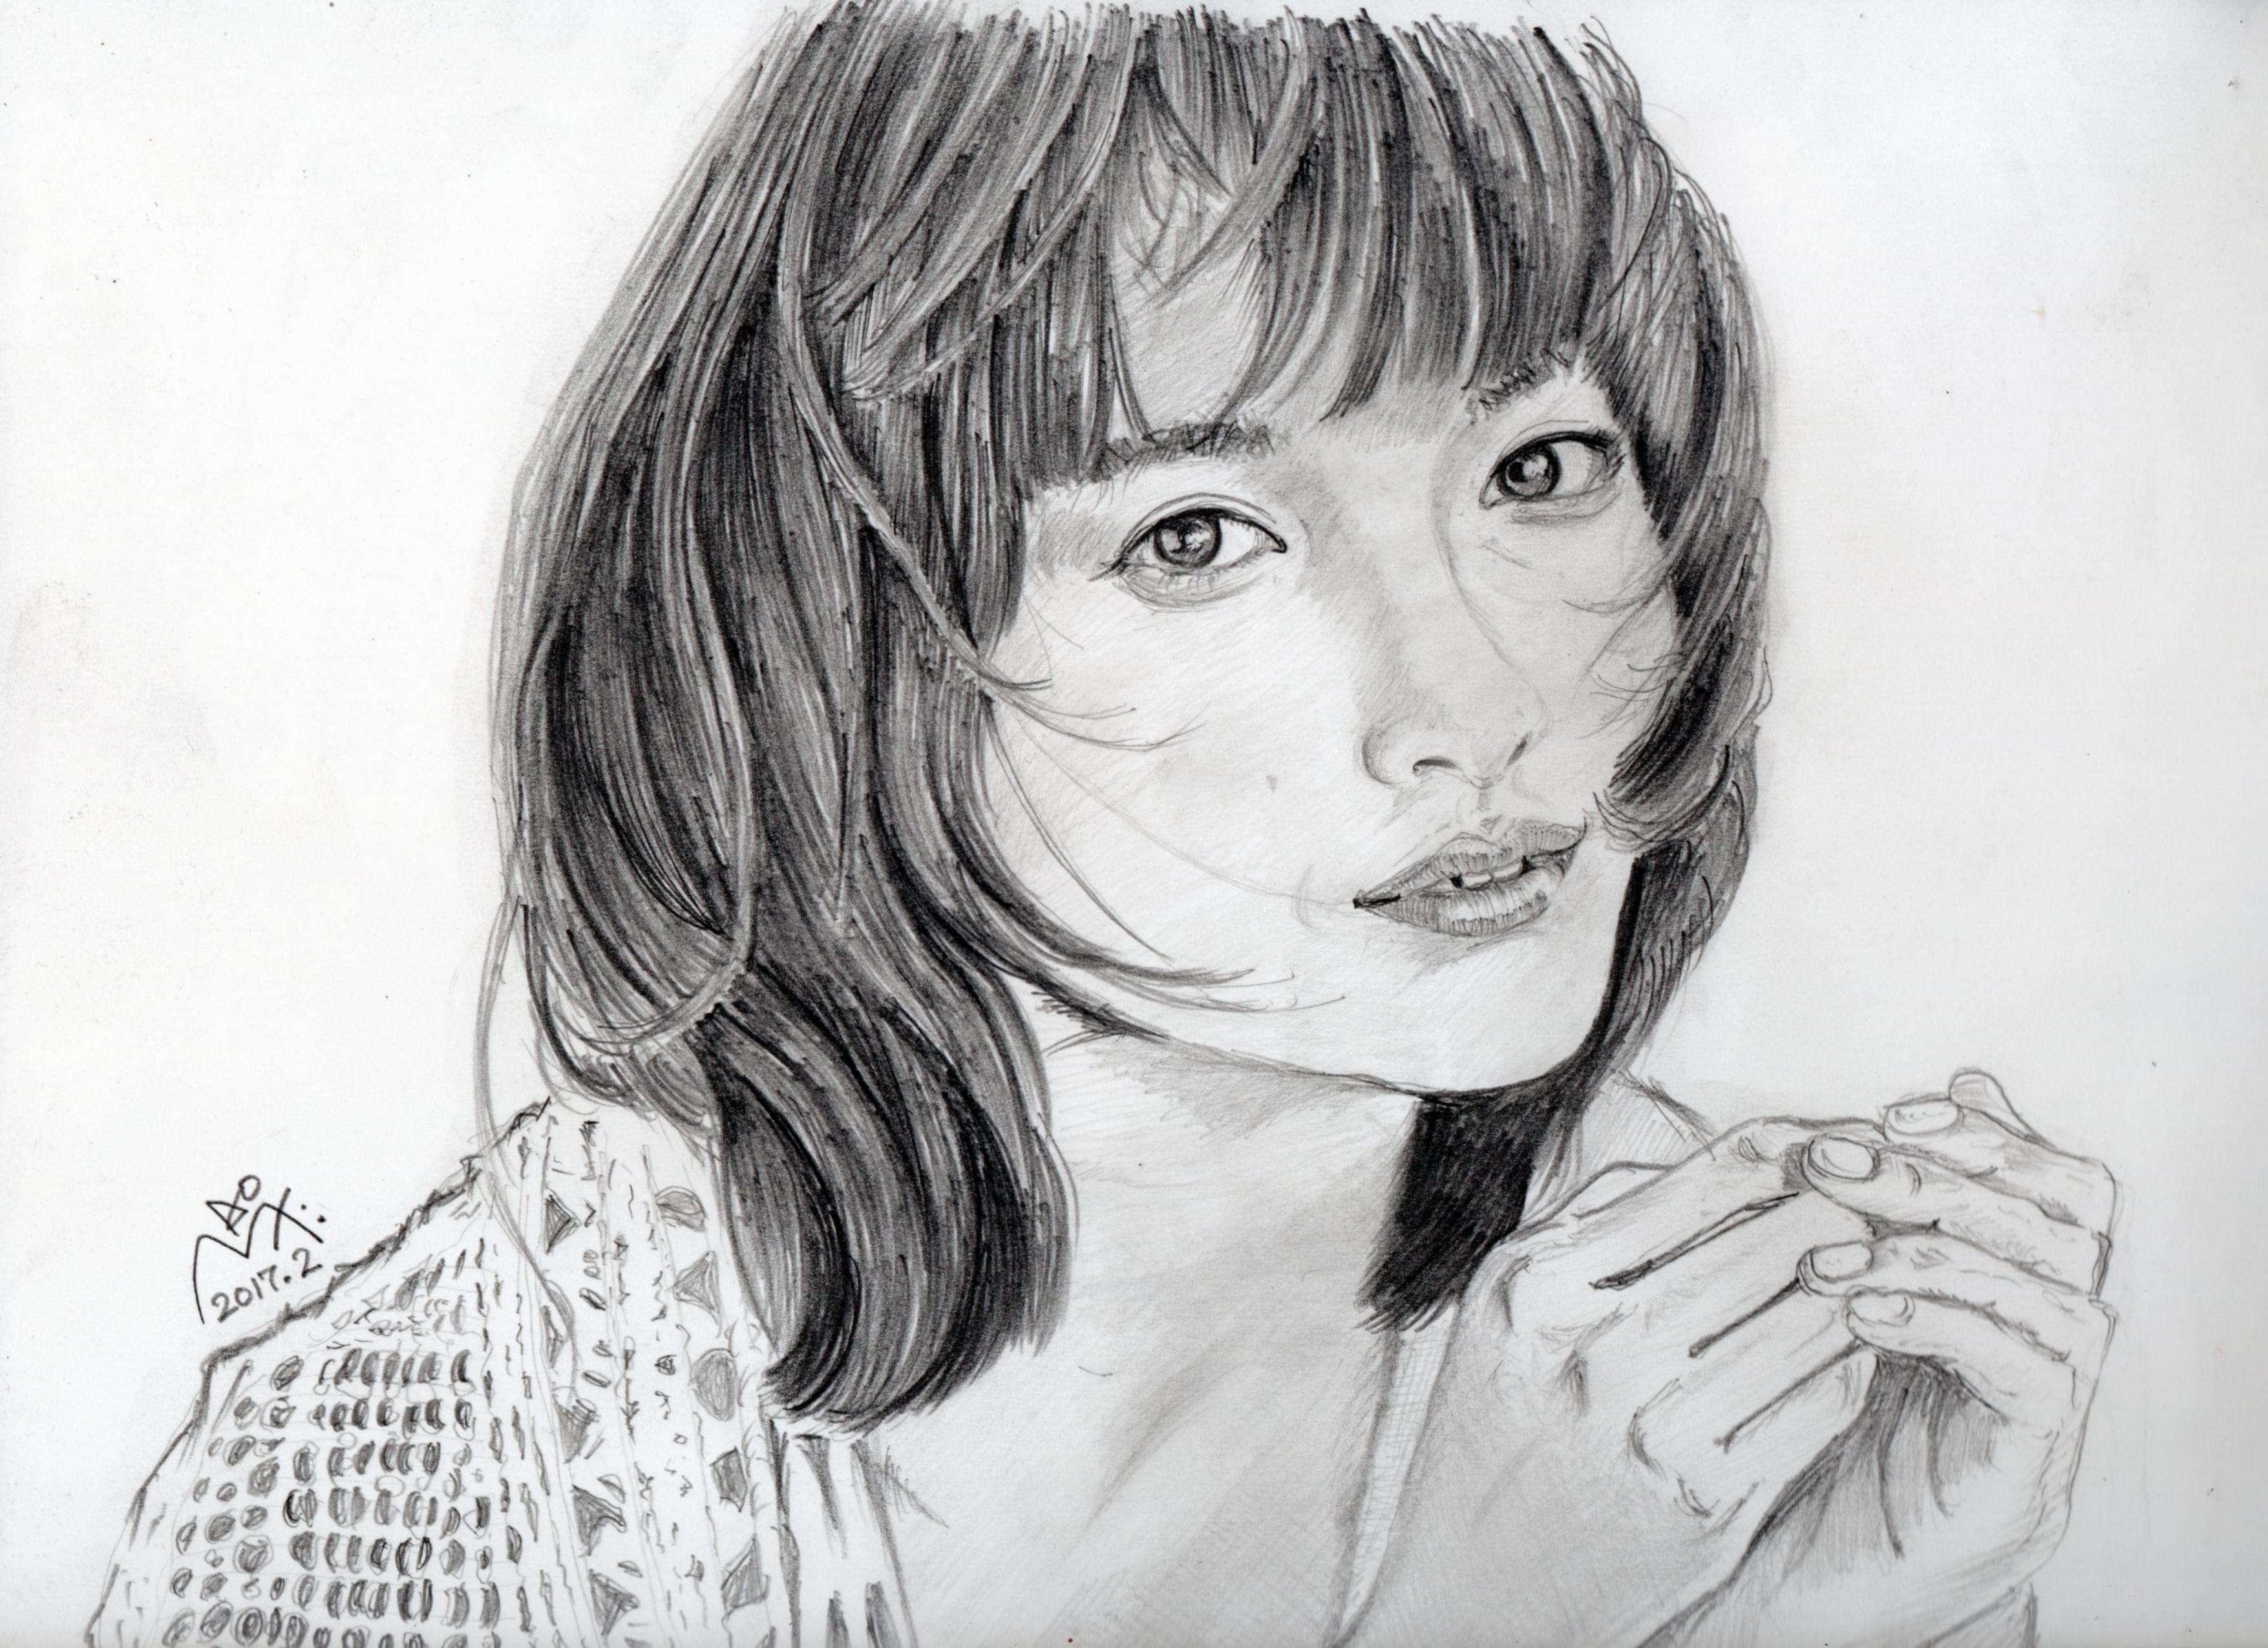 土屋太鳳の鉛筆画似顔絵